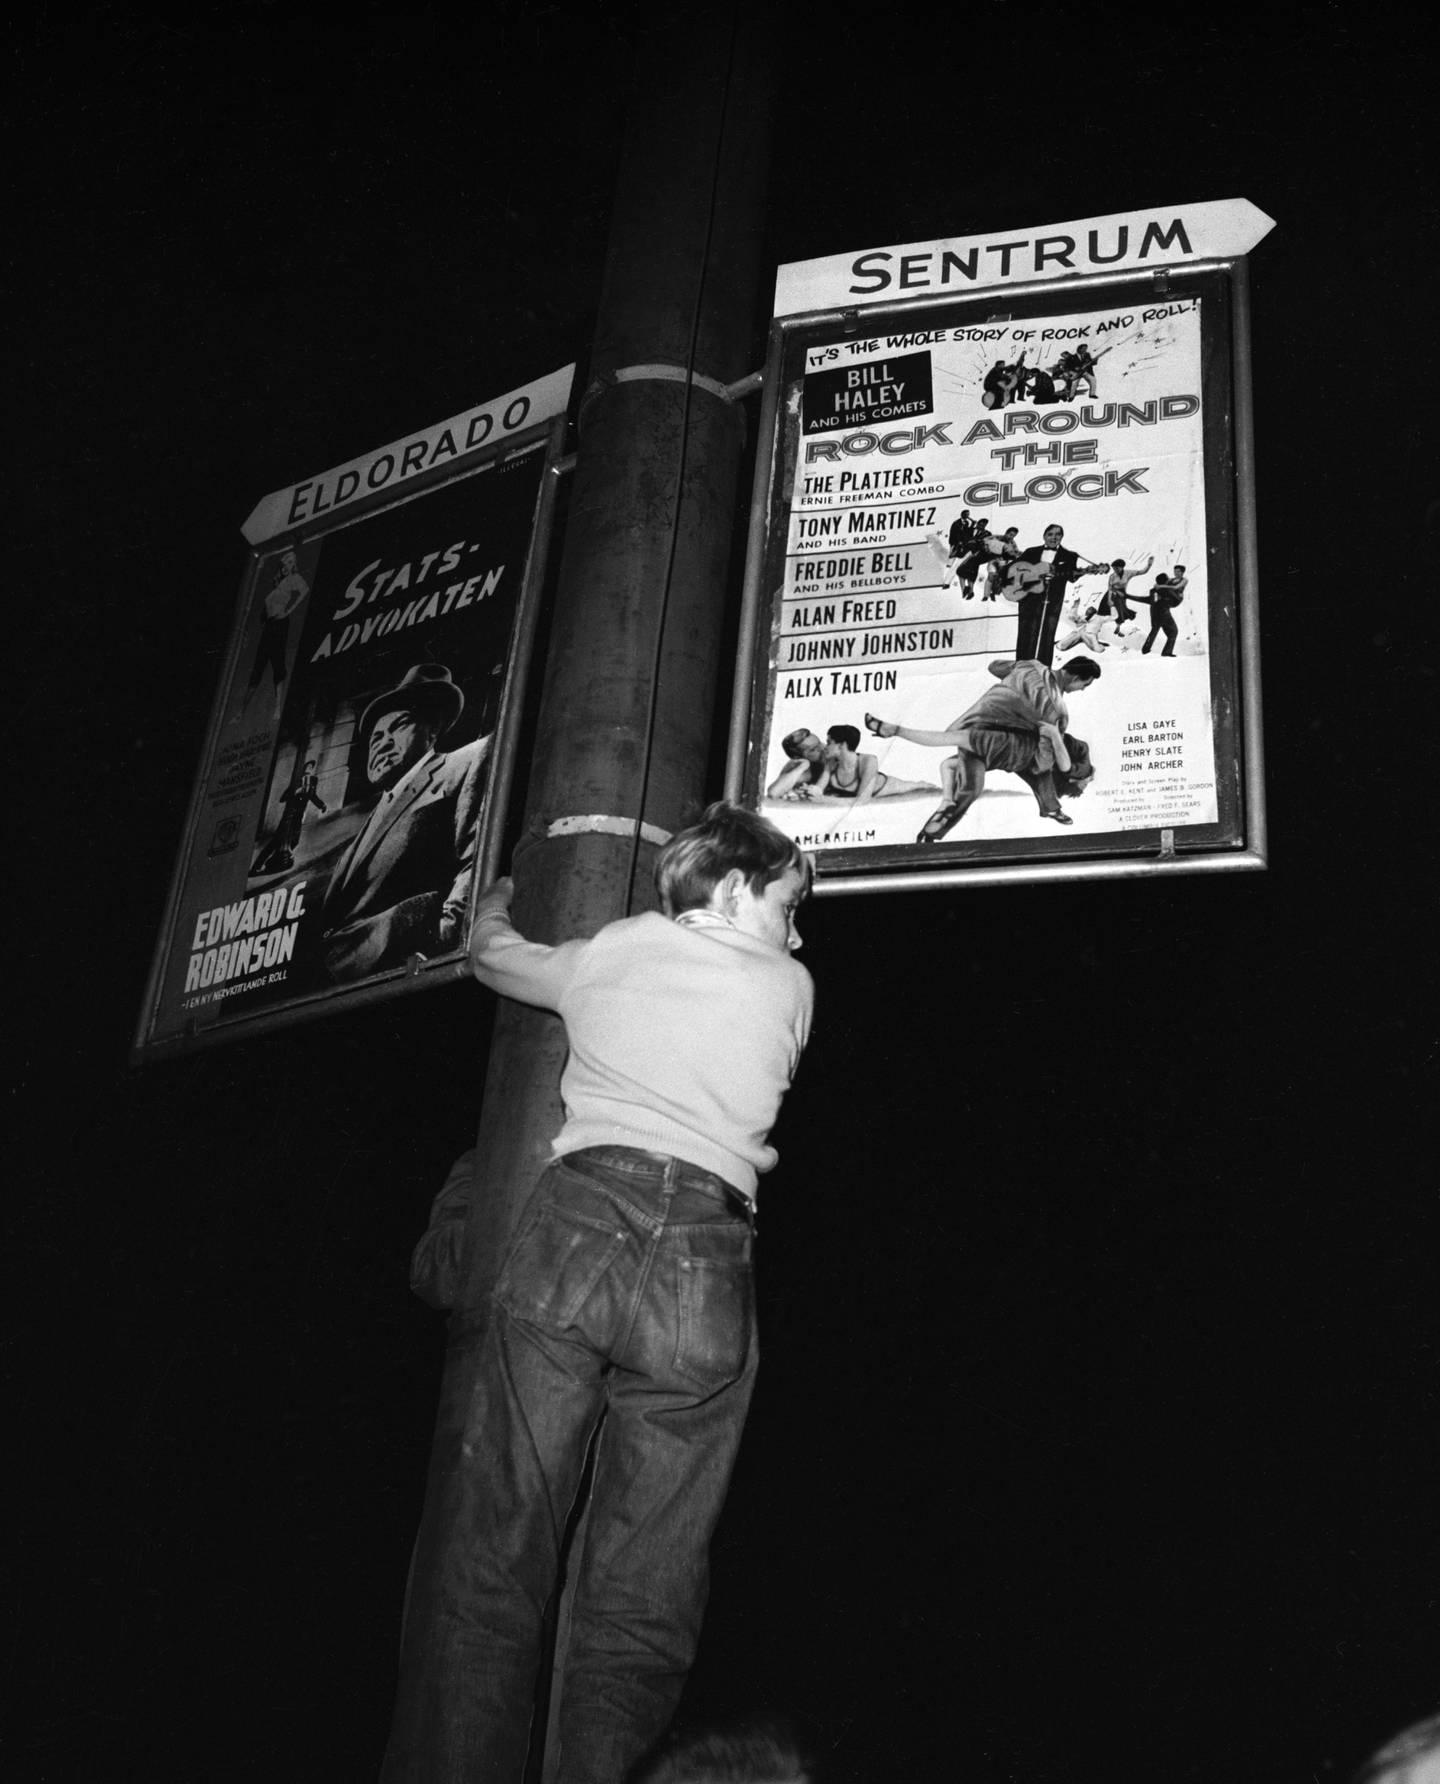 79 ungdommer ble arrestert, de fleste i alderen fjorten til sytten, og slapp ut etter noen timer i arresten Her en unggutt som har klatret opp i søylen som holder kinoplakaten fra filmen.